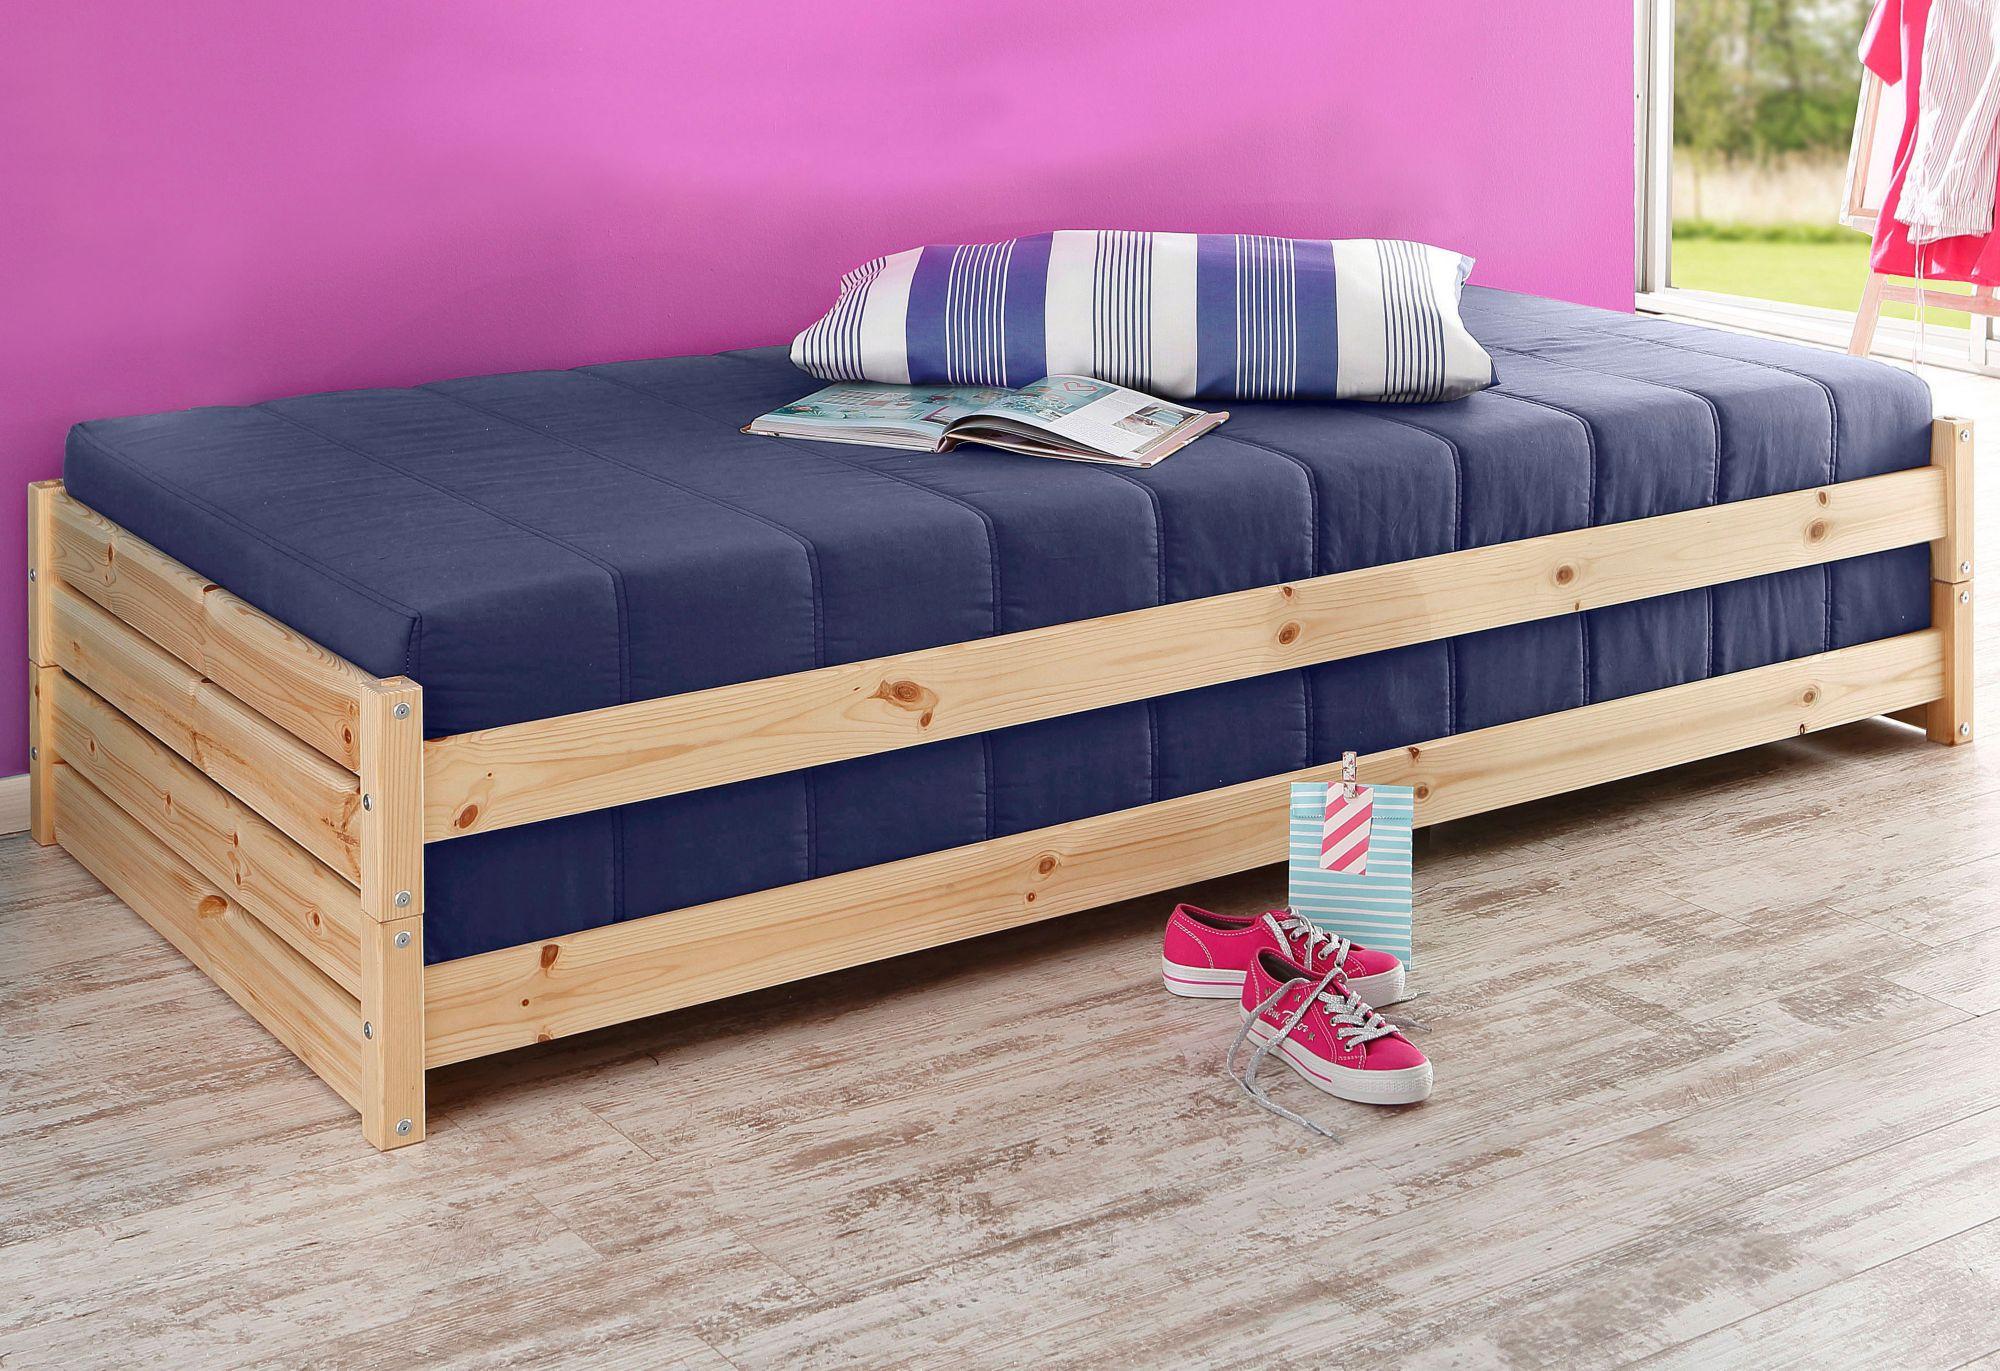 g stebetten luftbetten im schwab online shop m bel betten. Black Bedroom Furniture Sets. Home Design Ideas